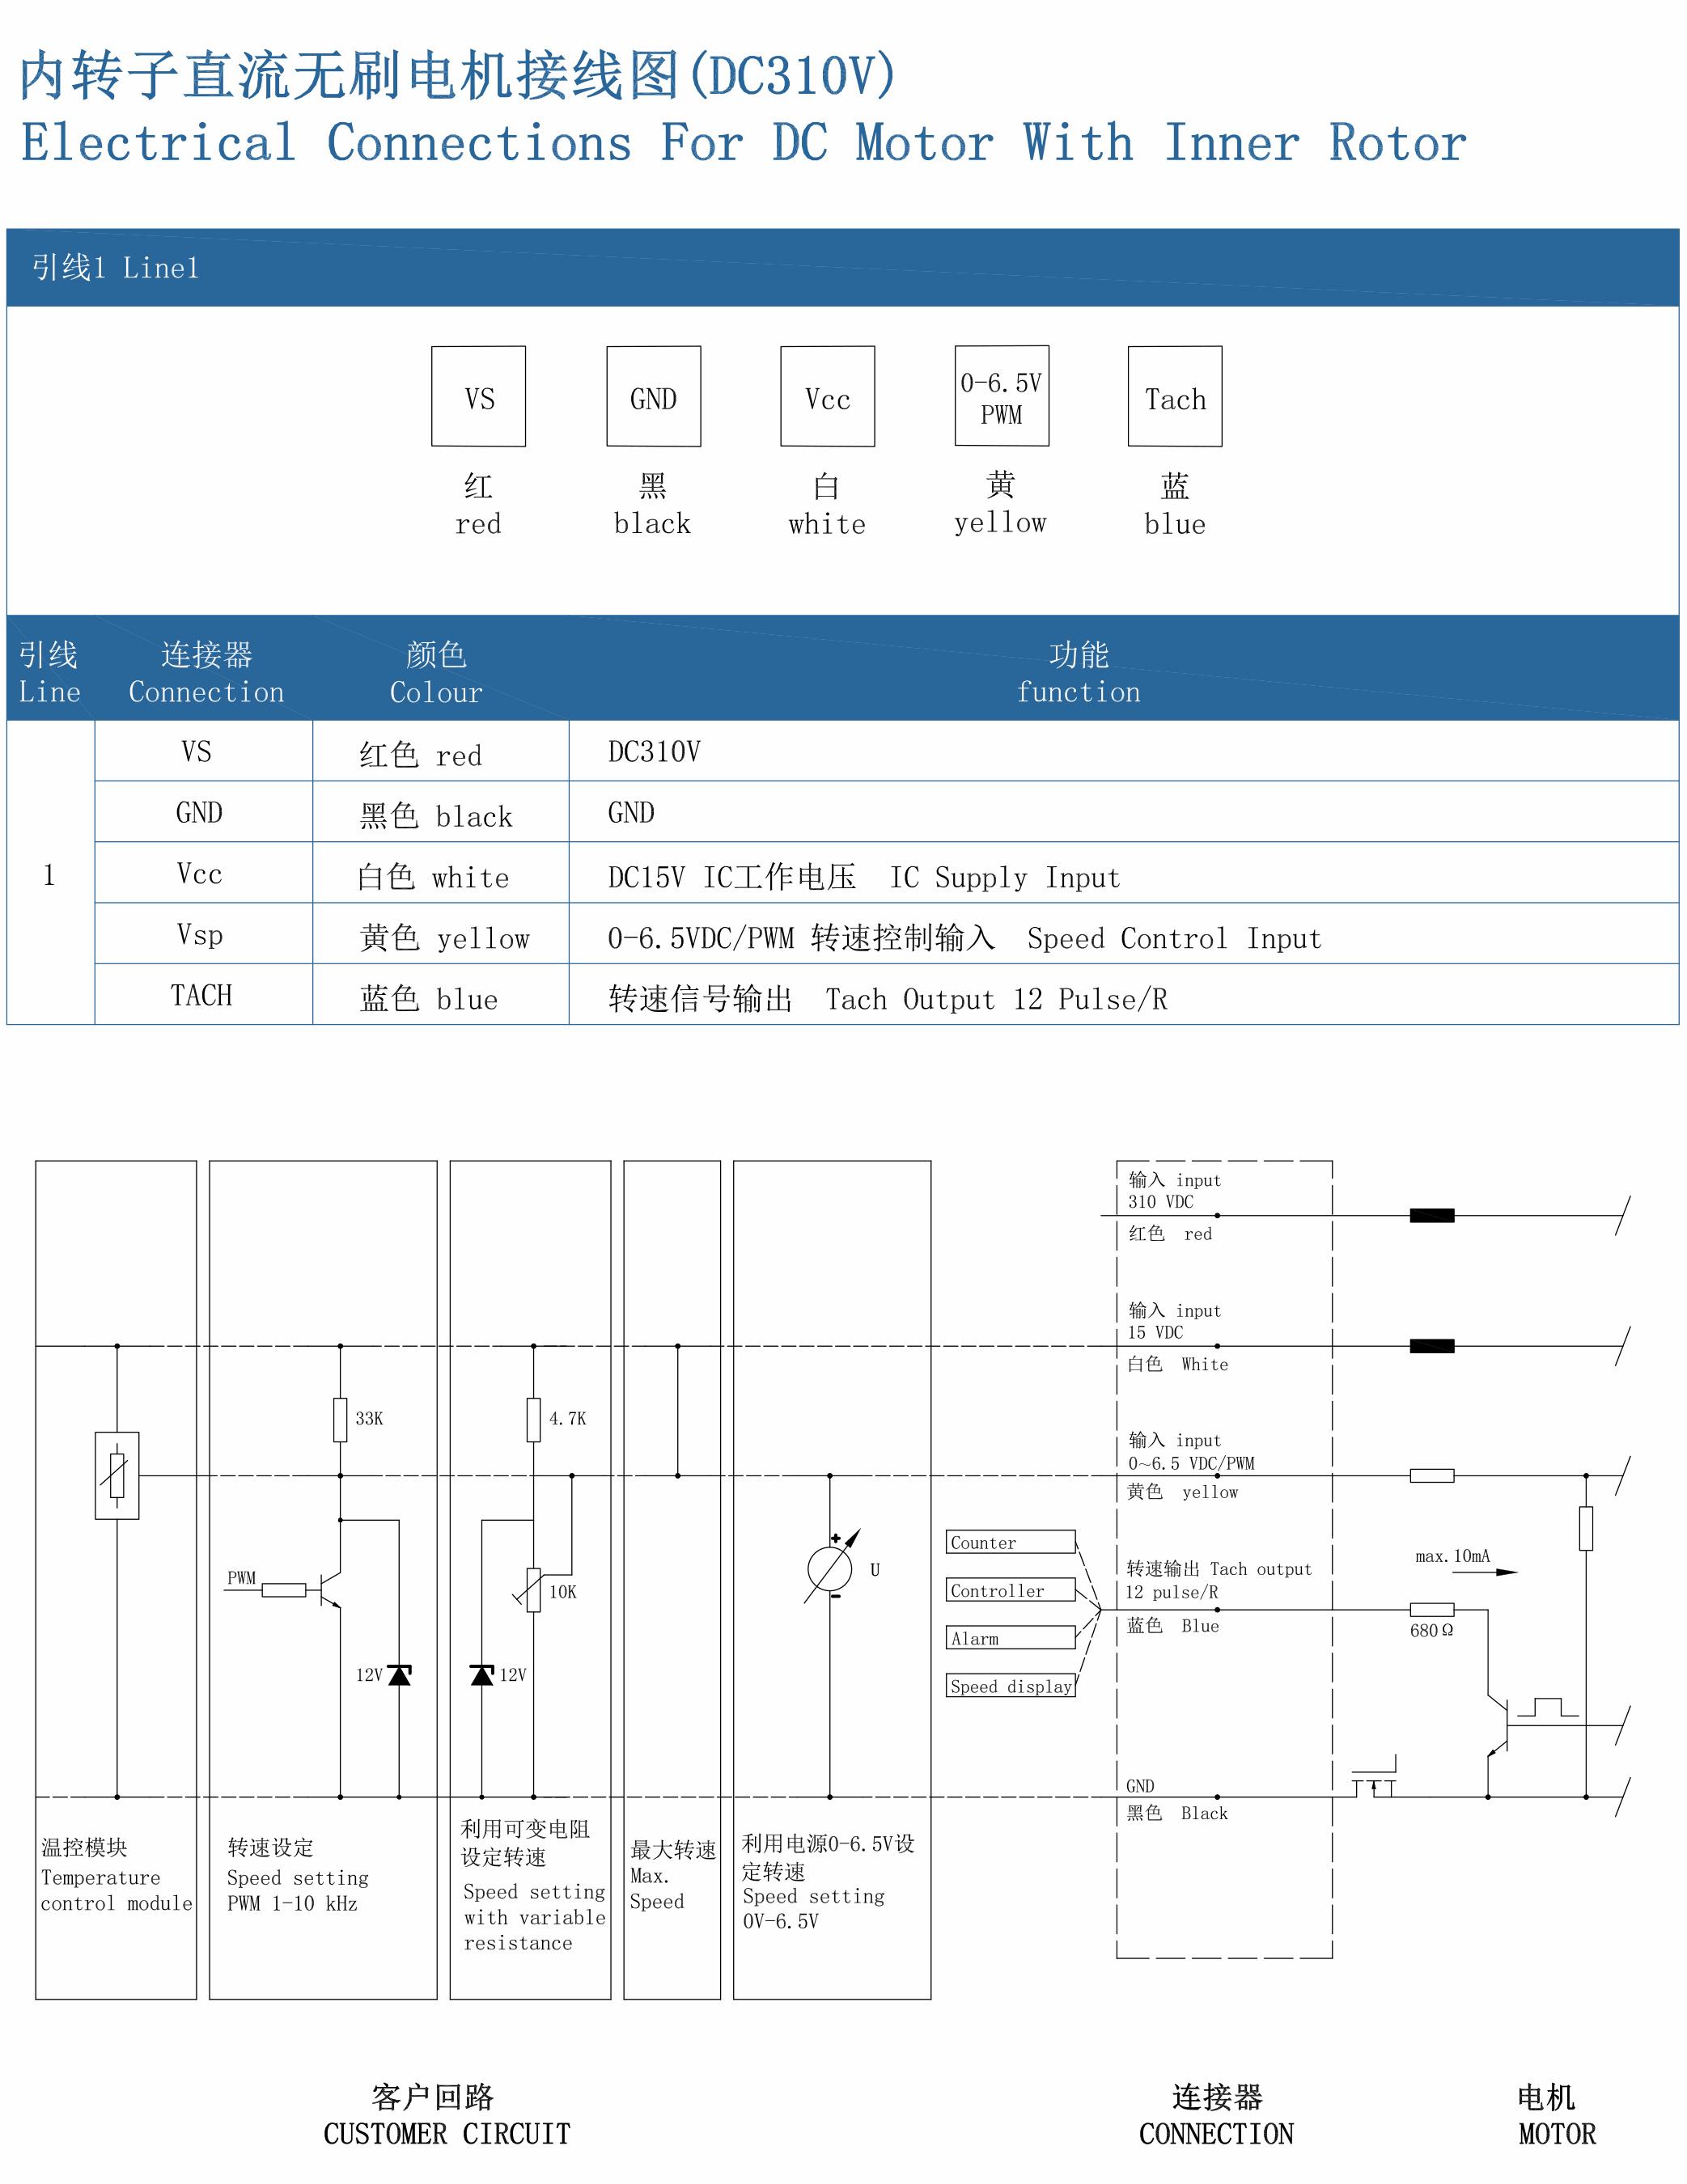 Centrifugal fan, ec fan, axial fan, blower fan, radial fan, EC motor, external rotor motor, DC fan; DC motor; DC brushless motor